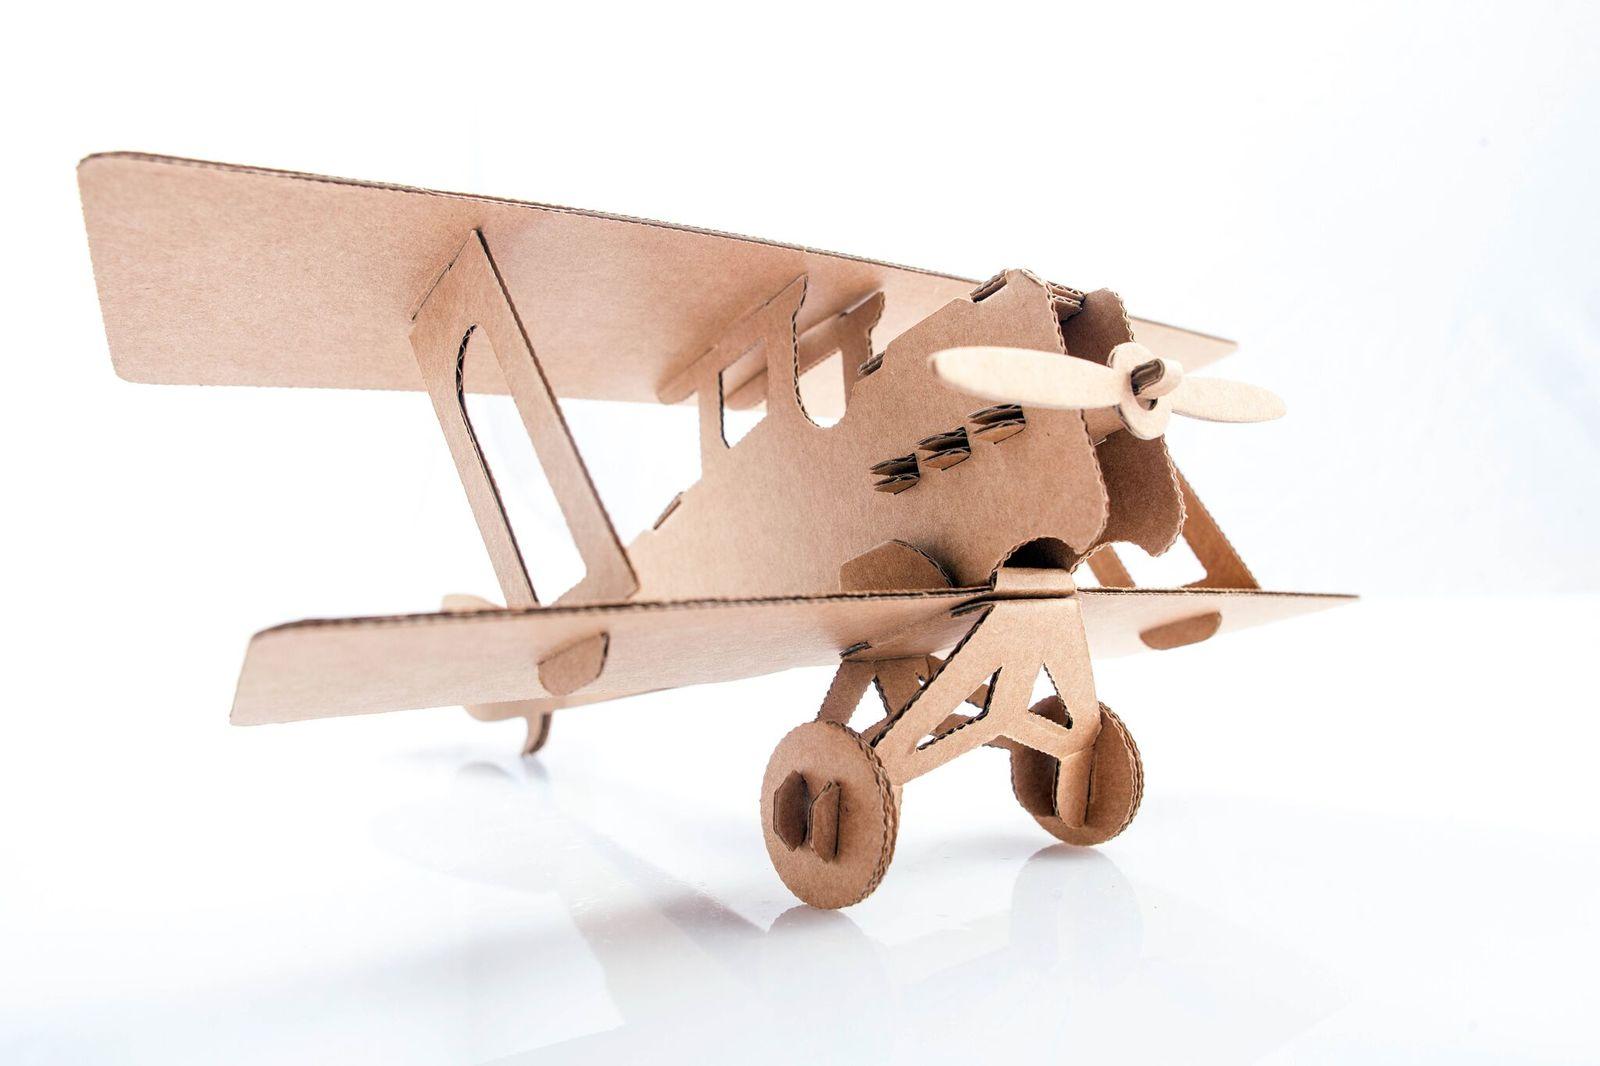 Leolandia Biplane (Natural) image